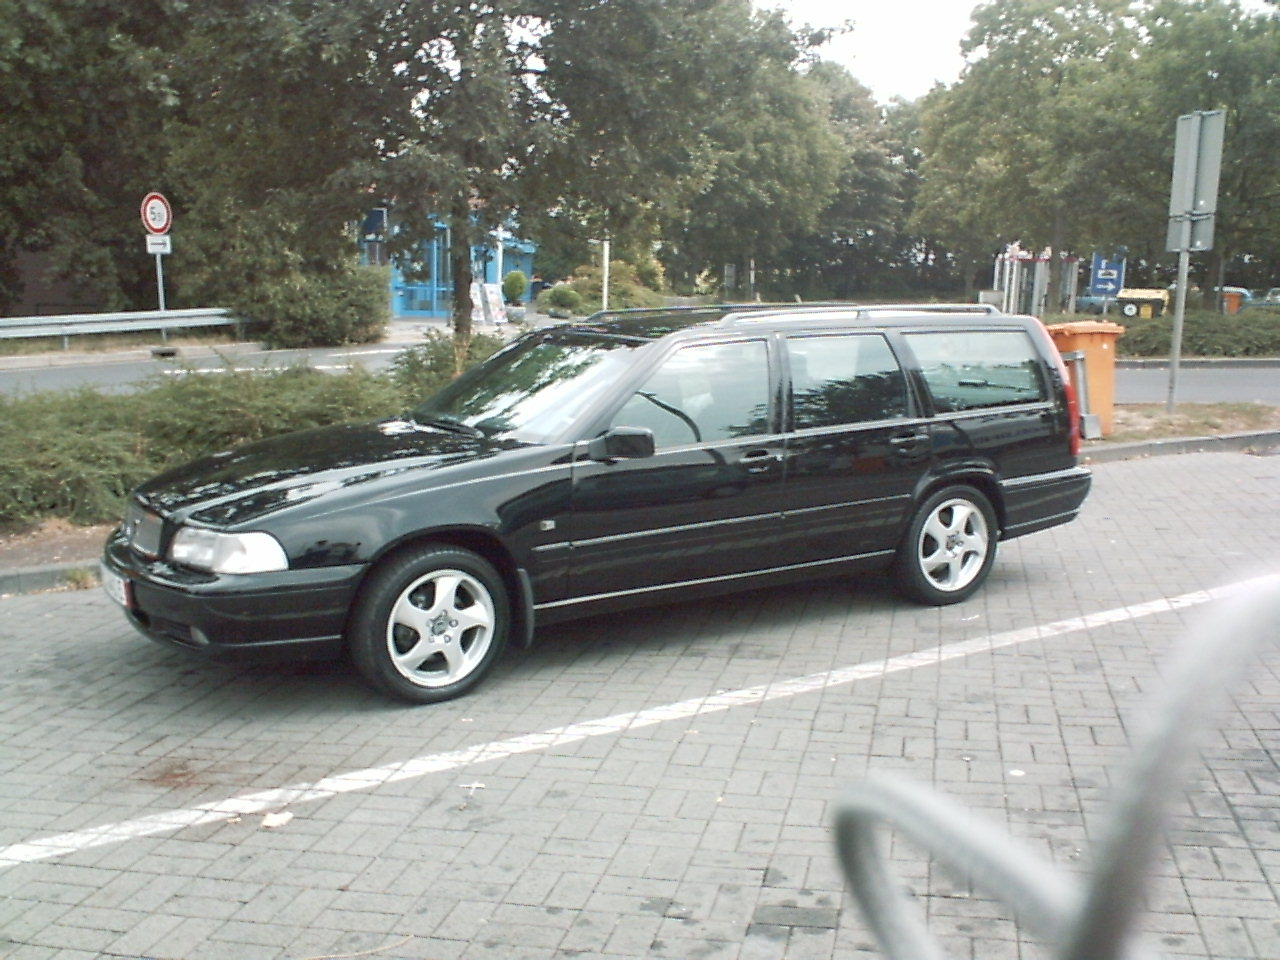 Volvo V Dr T Turbo Wagon Pic on 2000 Volvo Turbo Wagon R